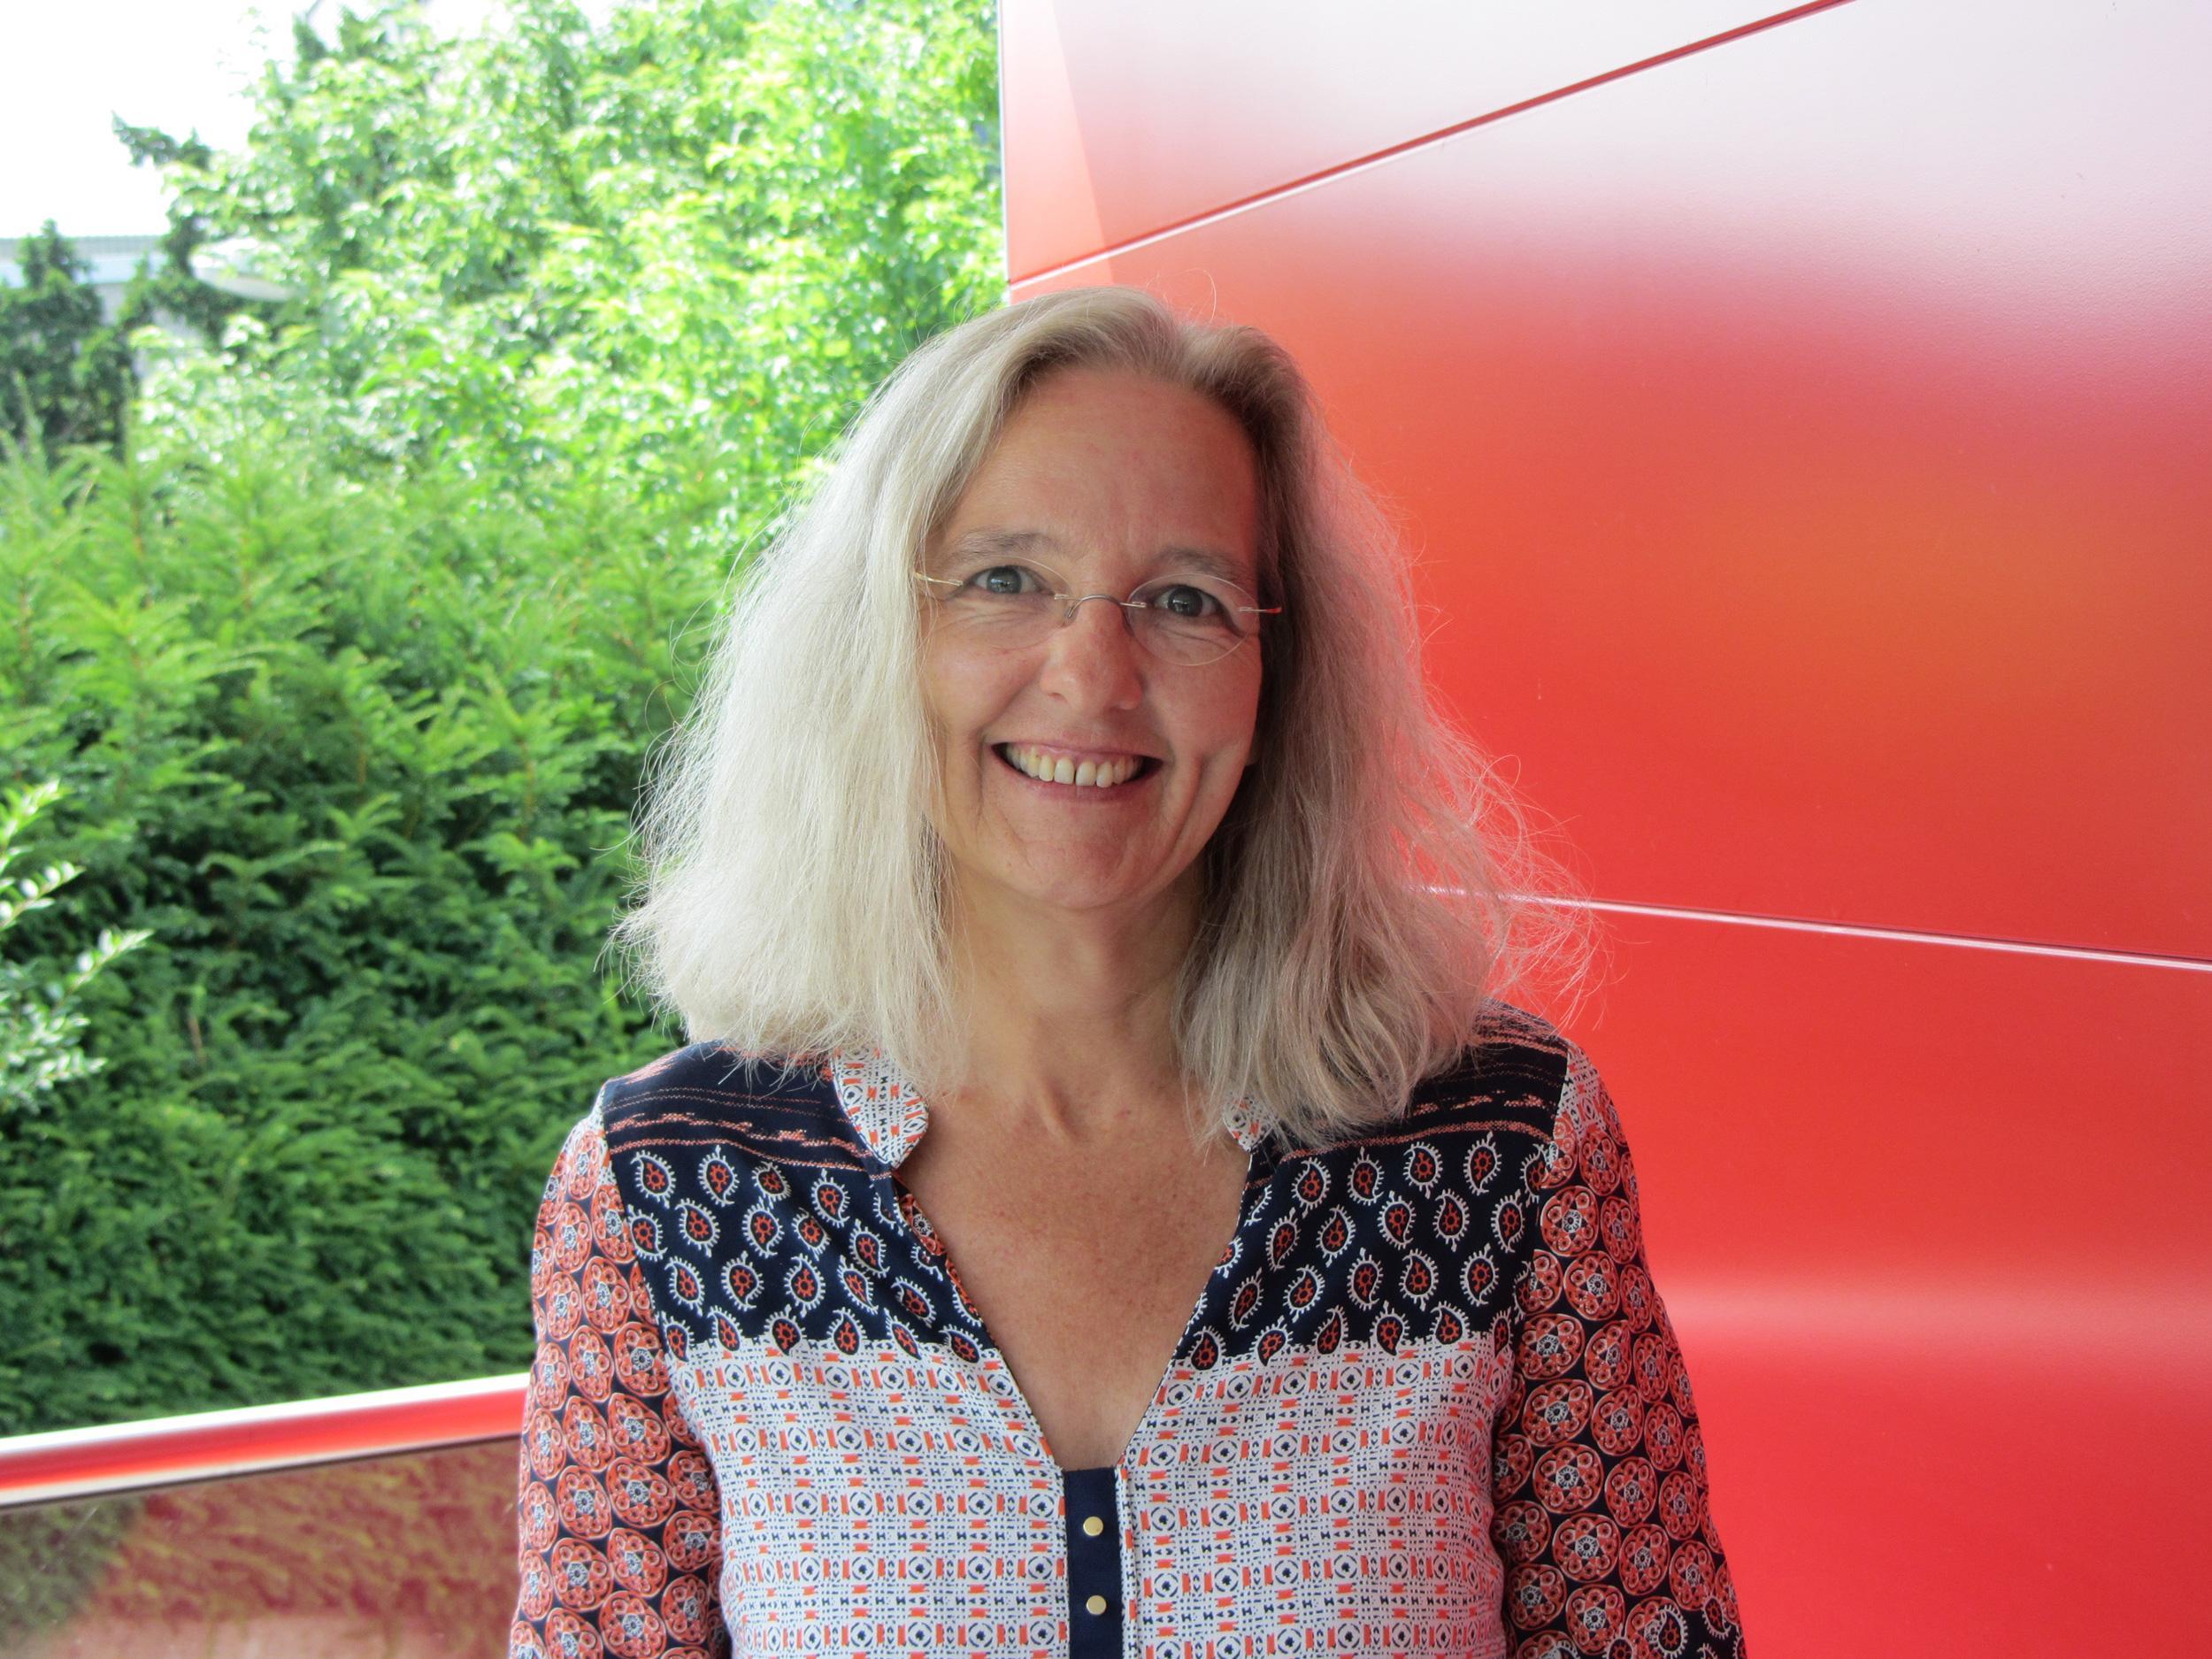 Martina Eden-Hetberg, Gleichstellungsbeauftragte der Stadt Werne